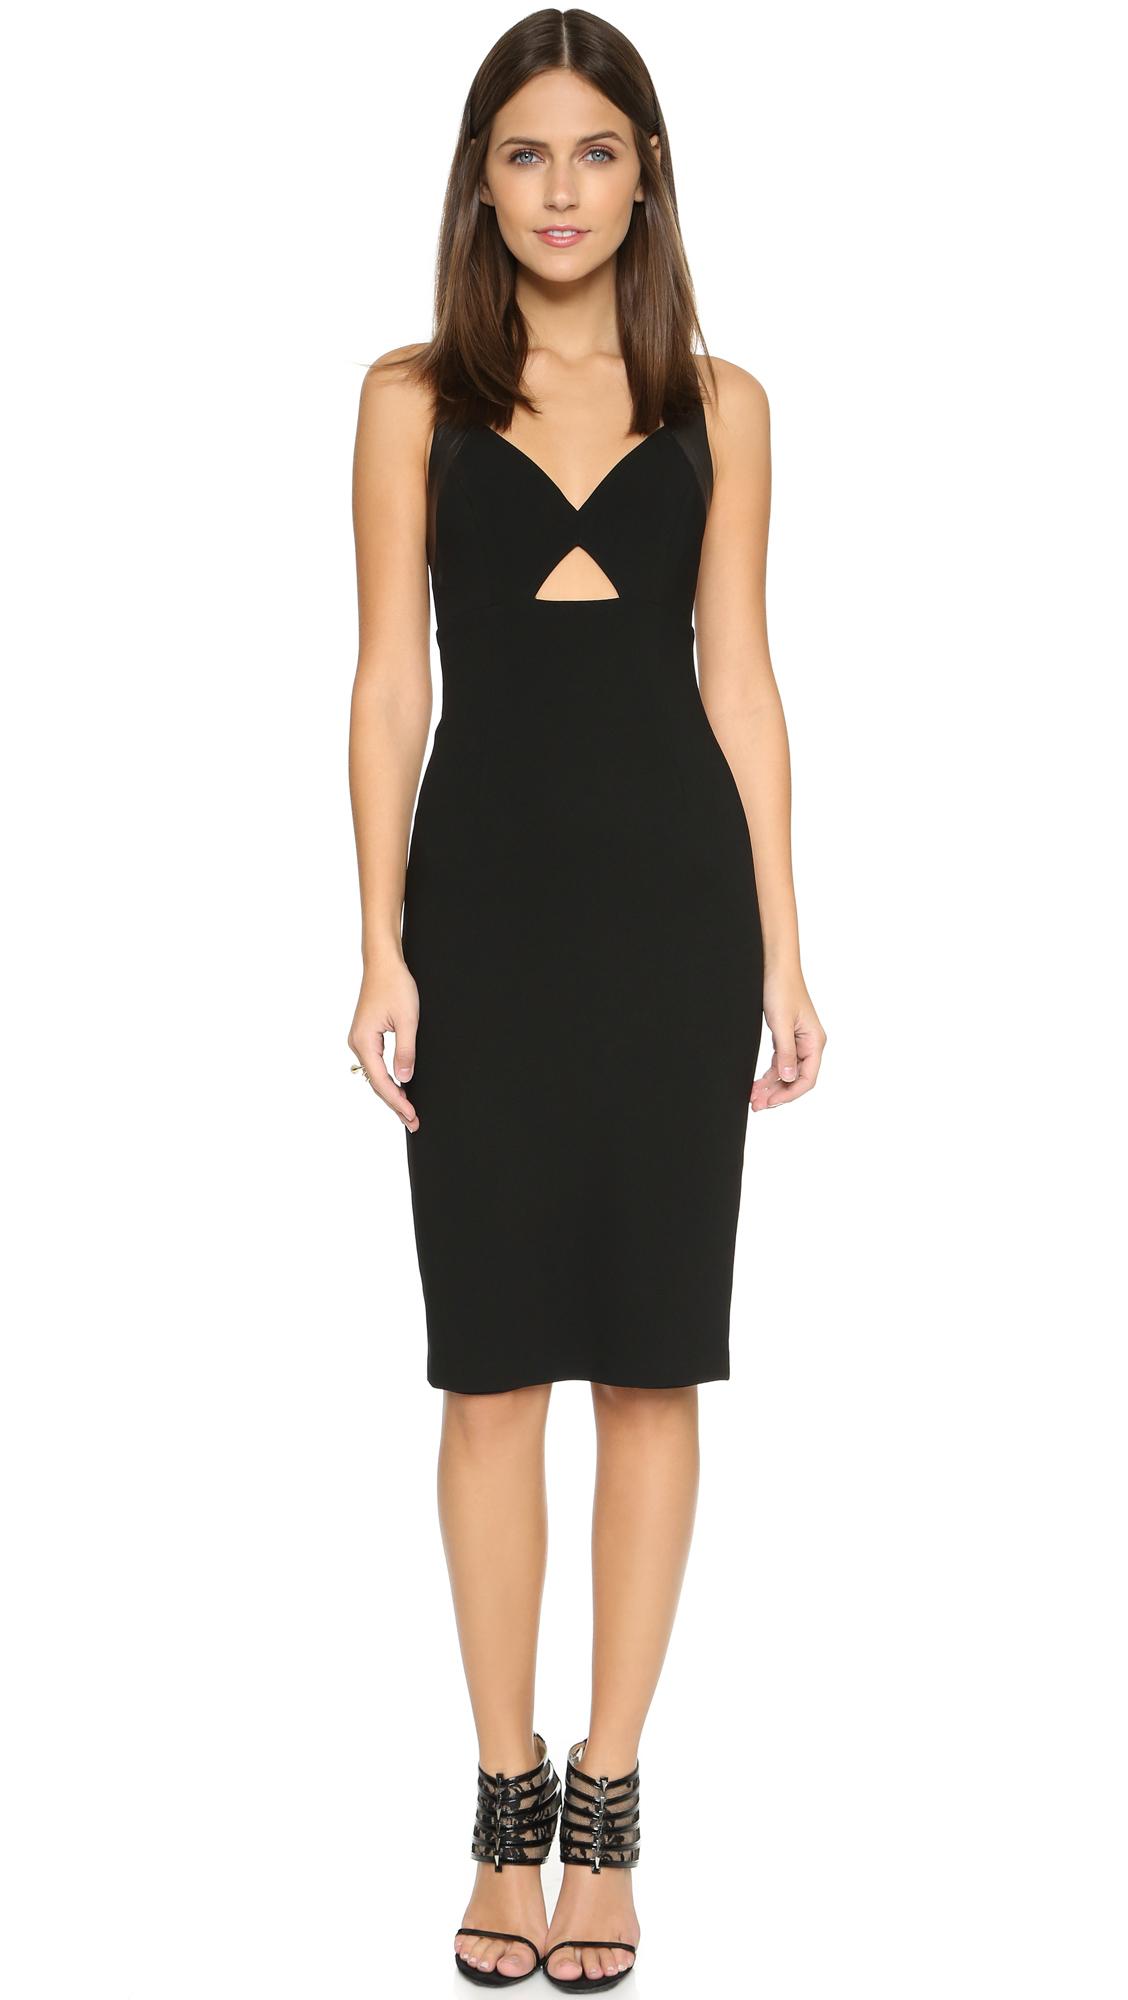 45ceb7710b Alice + Olivia Hera Cutout Dress in Black - Lyst